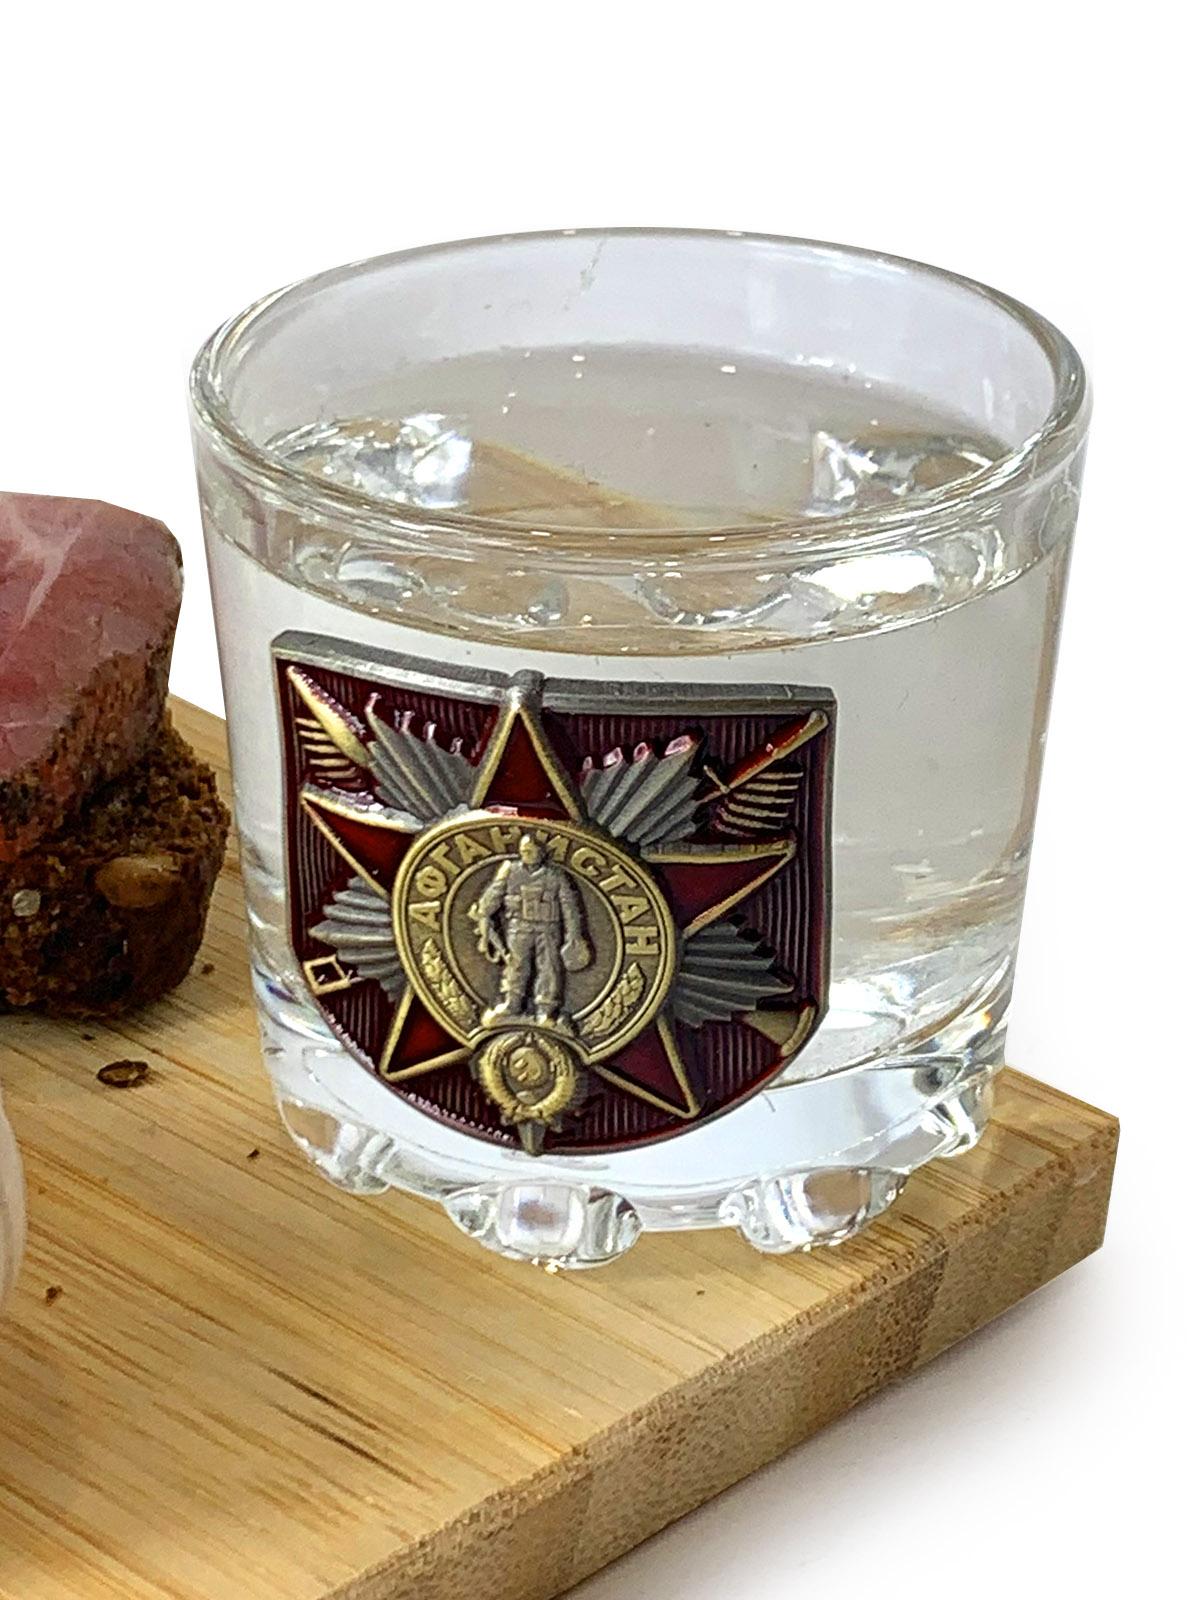 Элитный набор для крепких напитков Афган